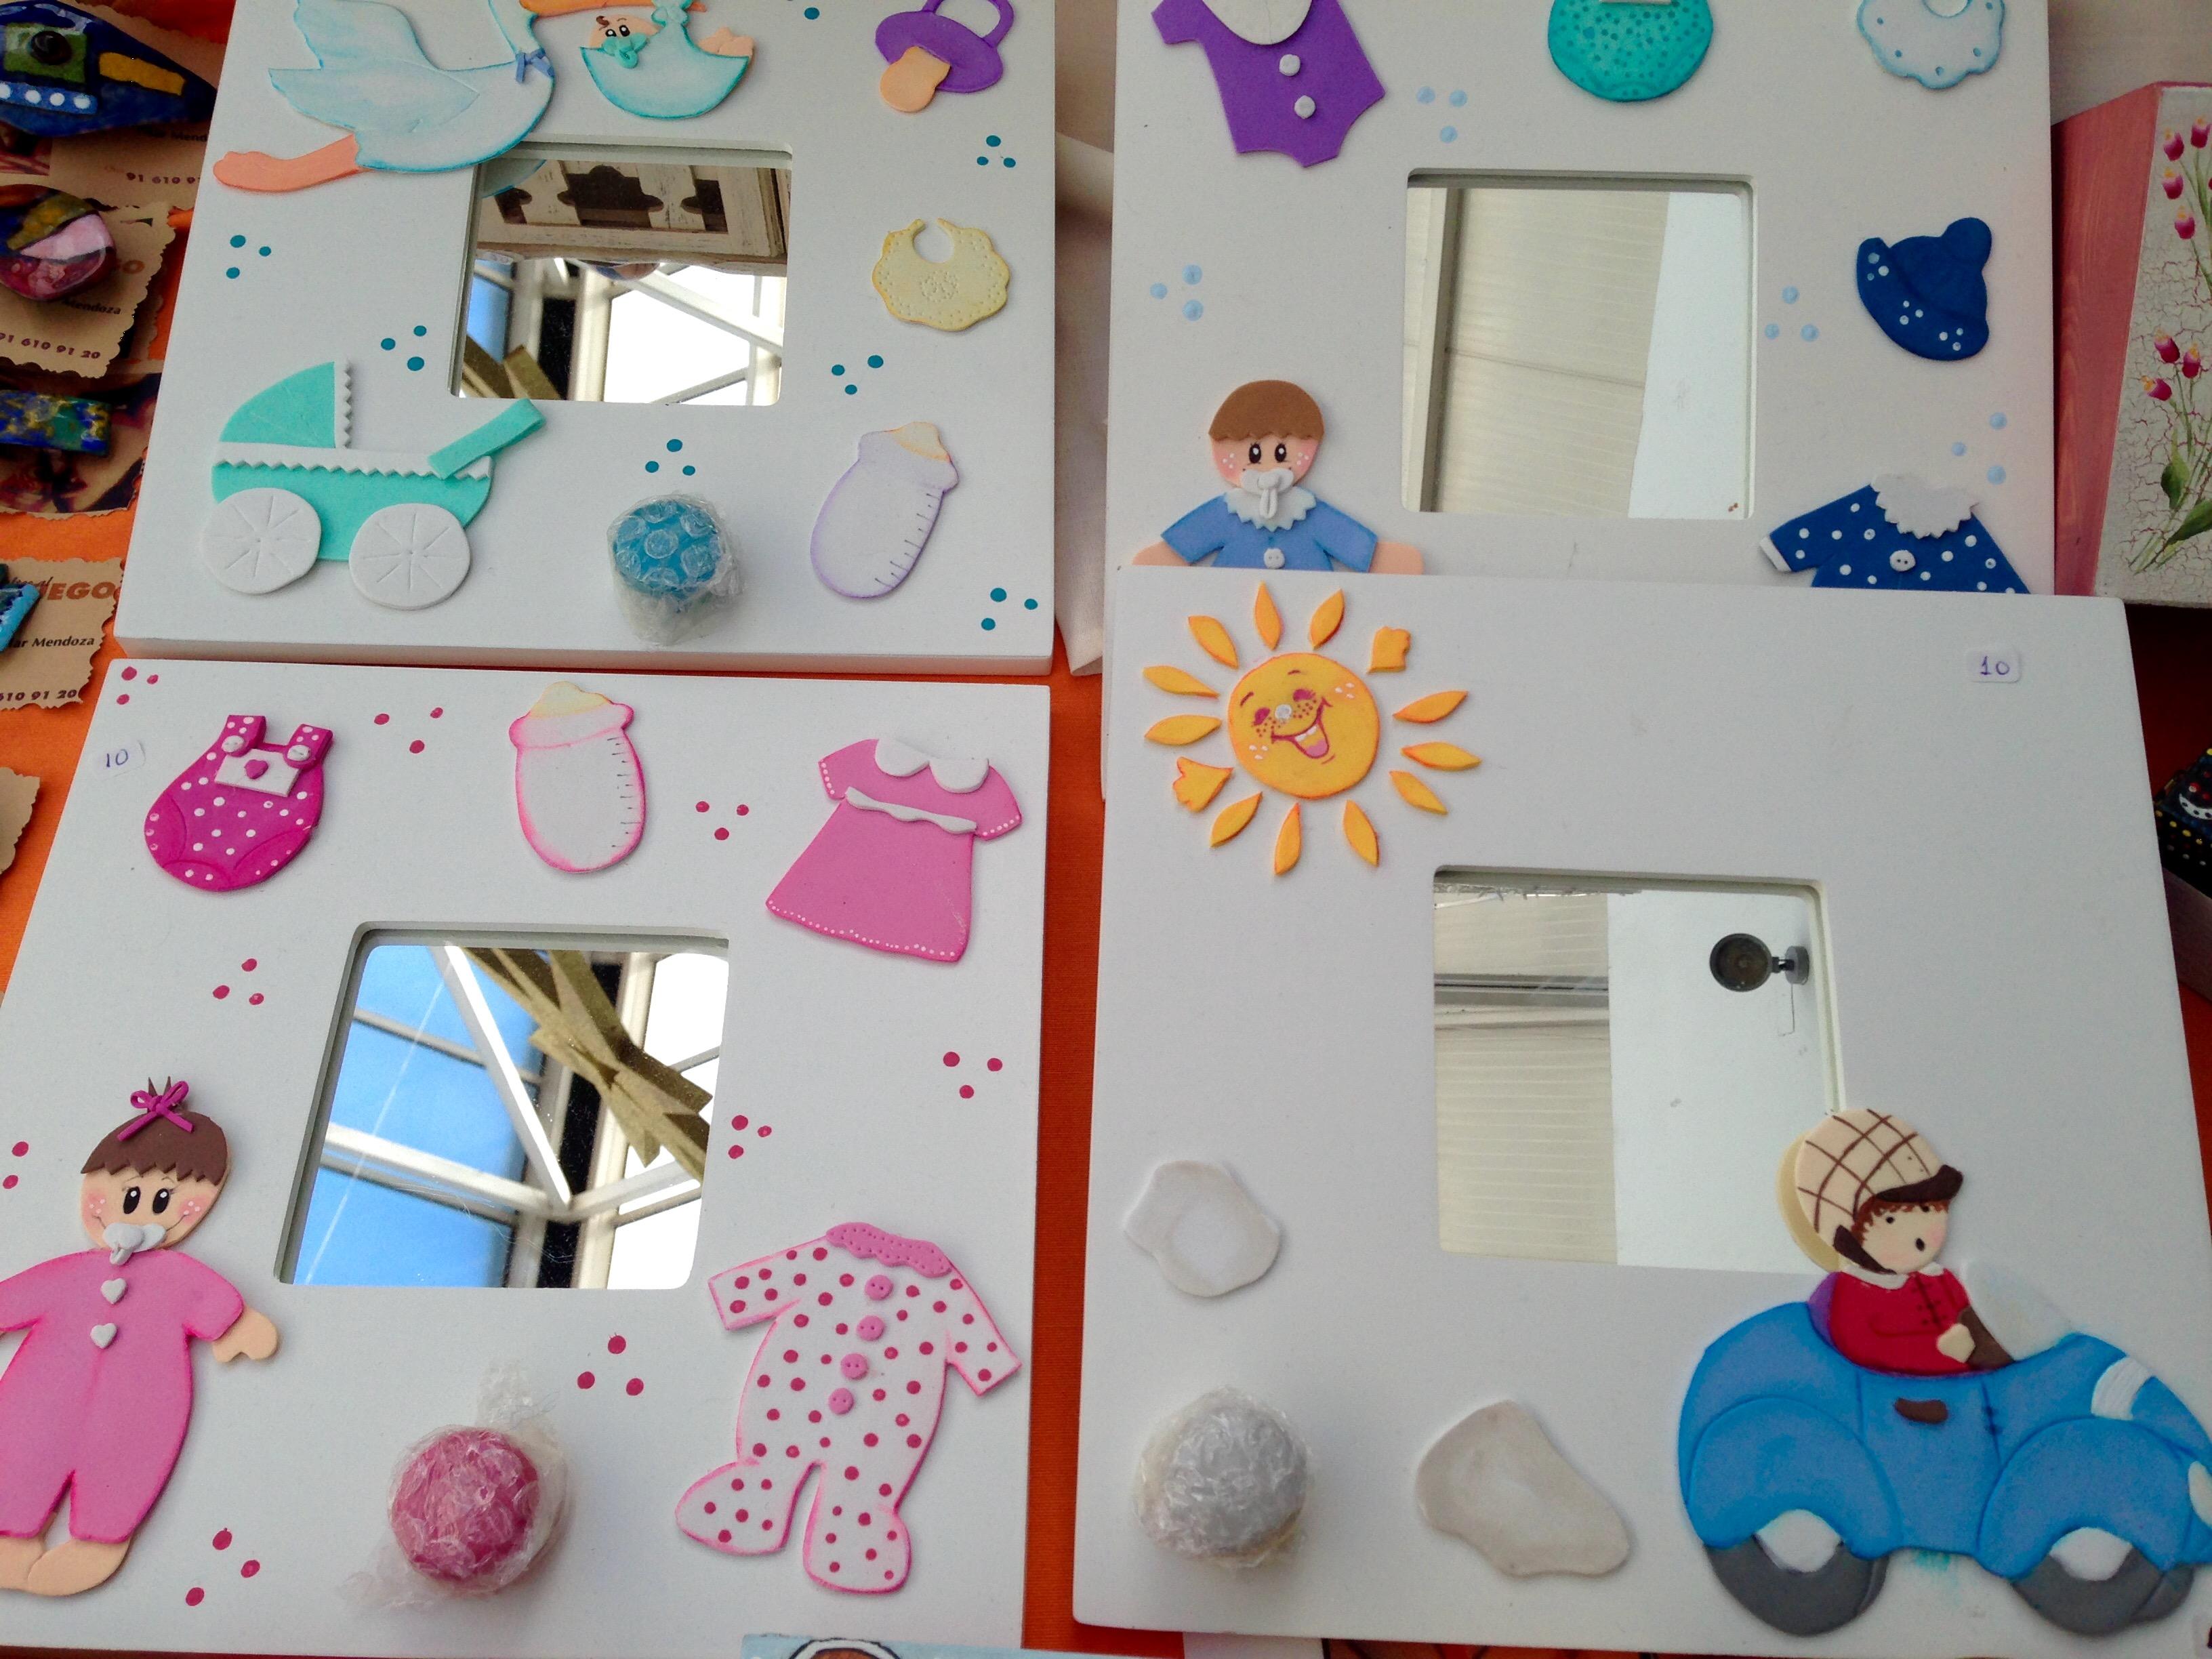 Manualidades para el dia del padre com goma eva marcos de - Manualidades infantiles de goma eva ...